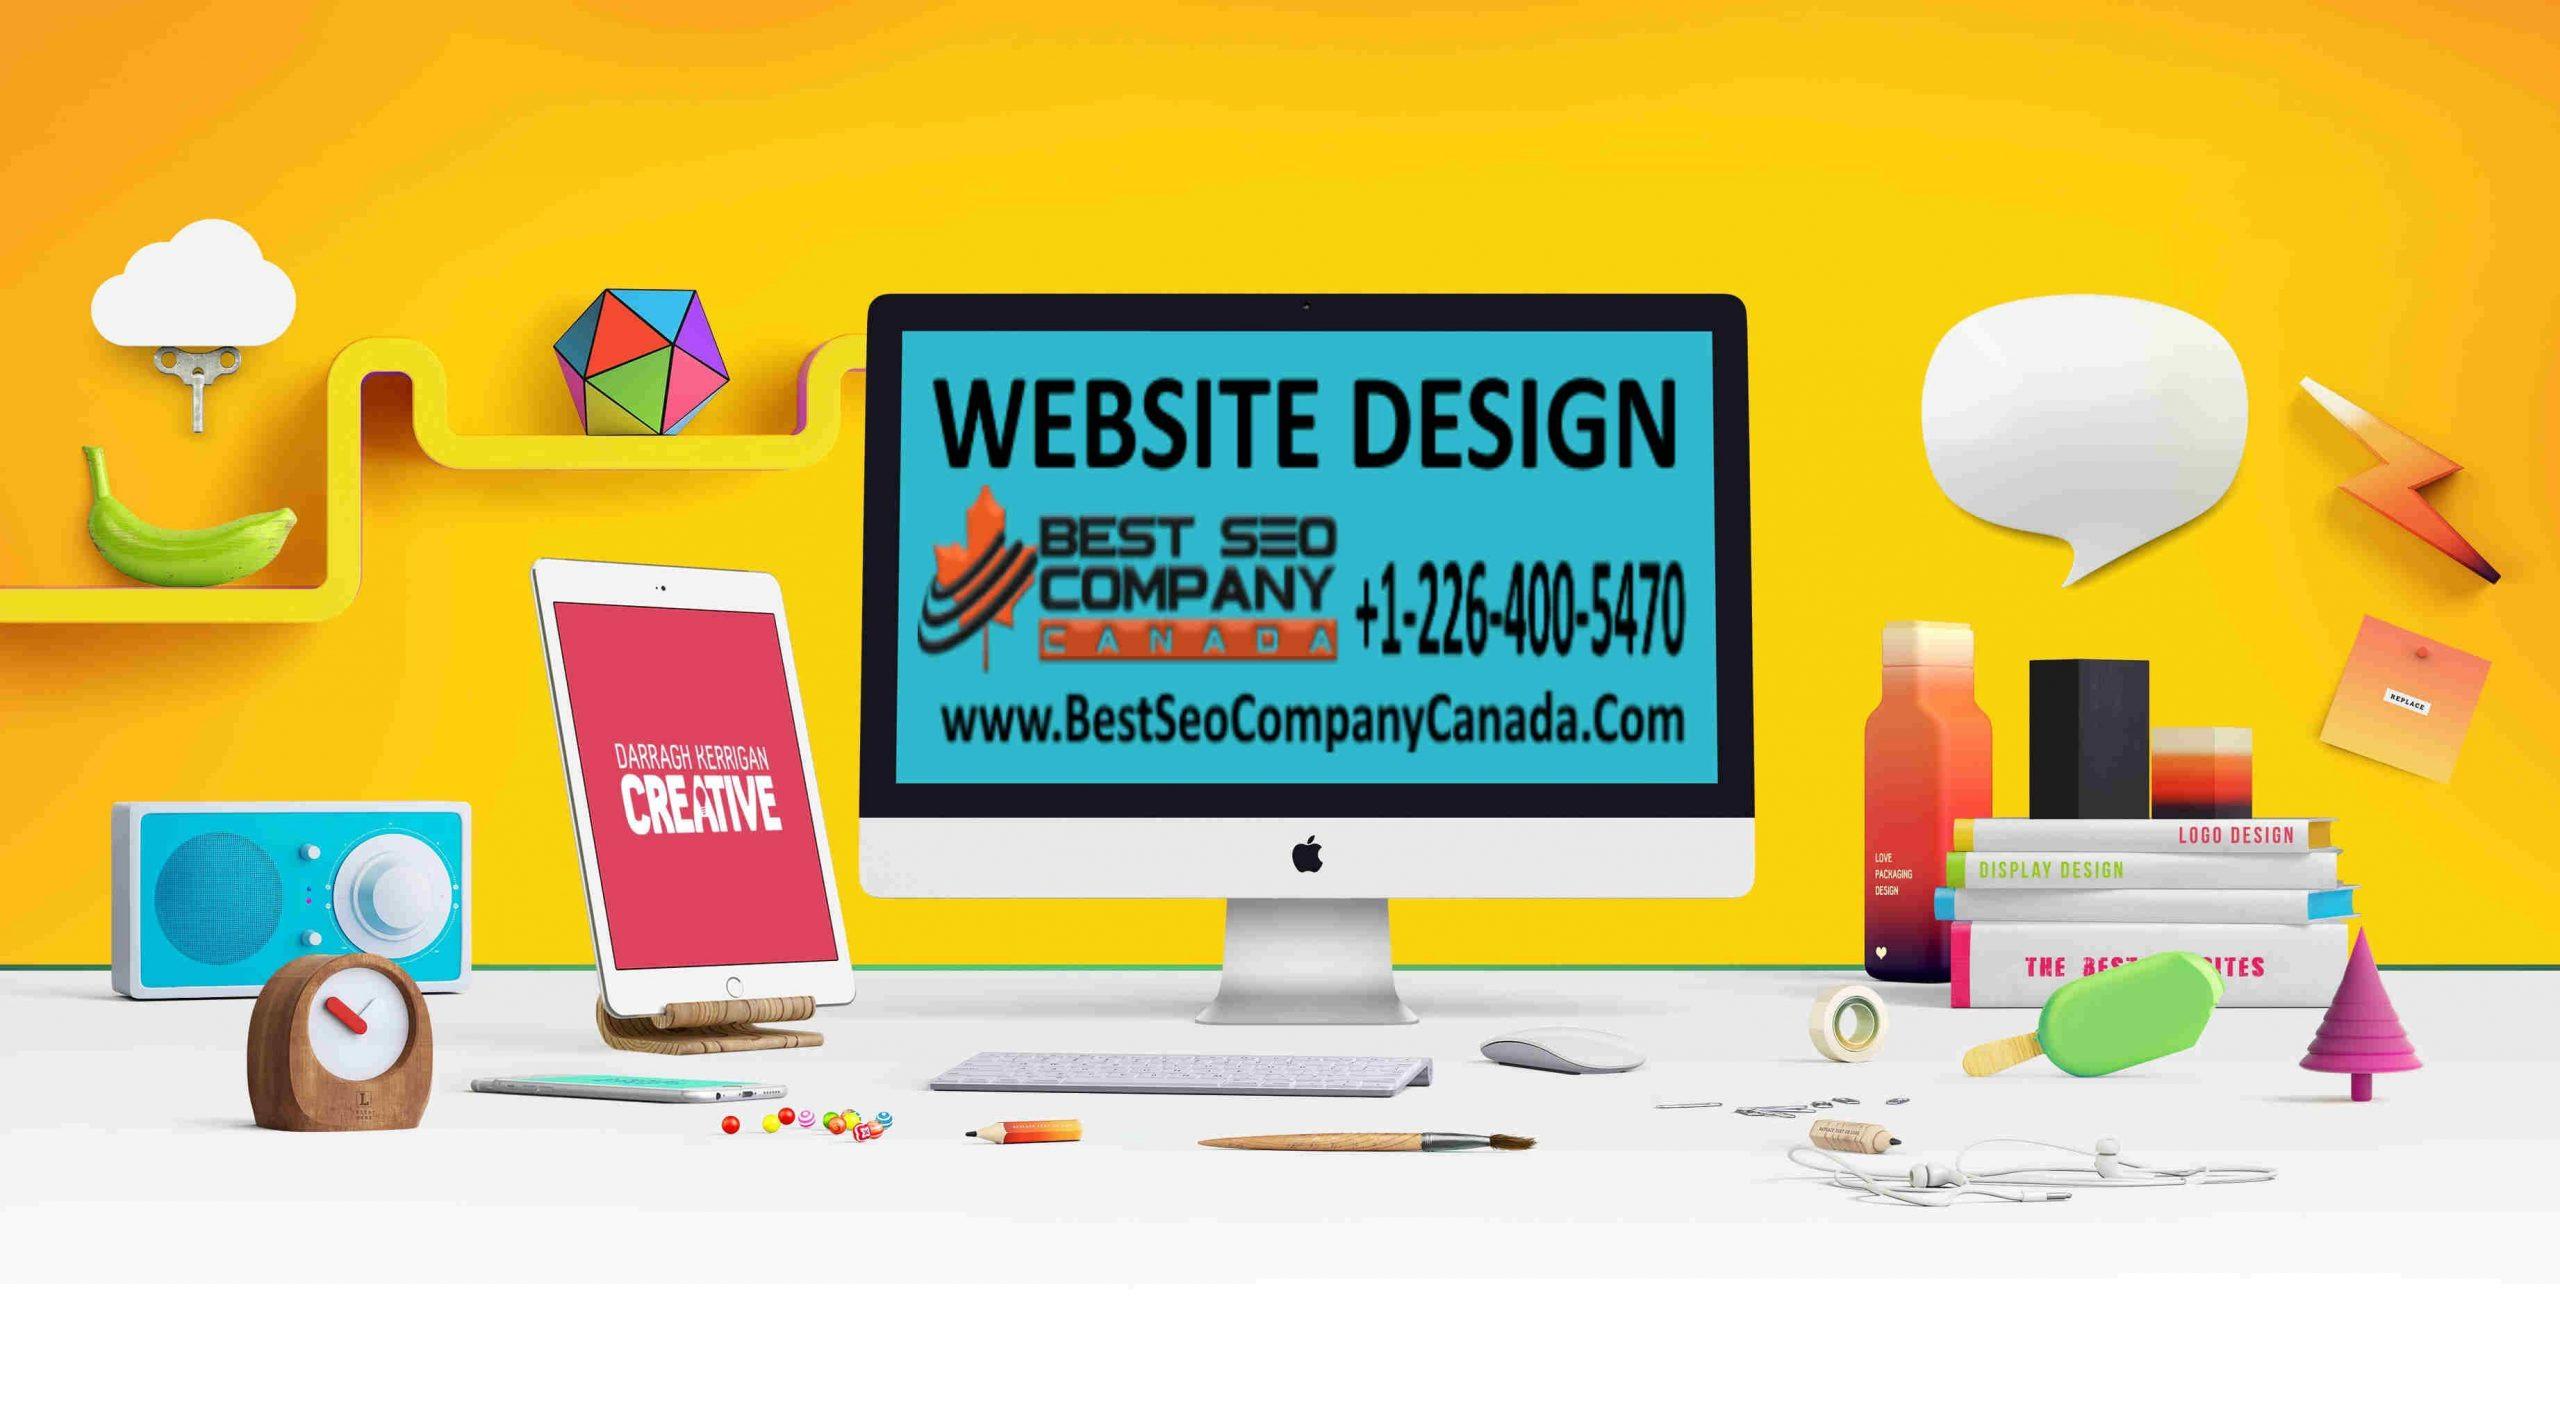 Web Design Company In Canada